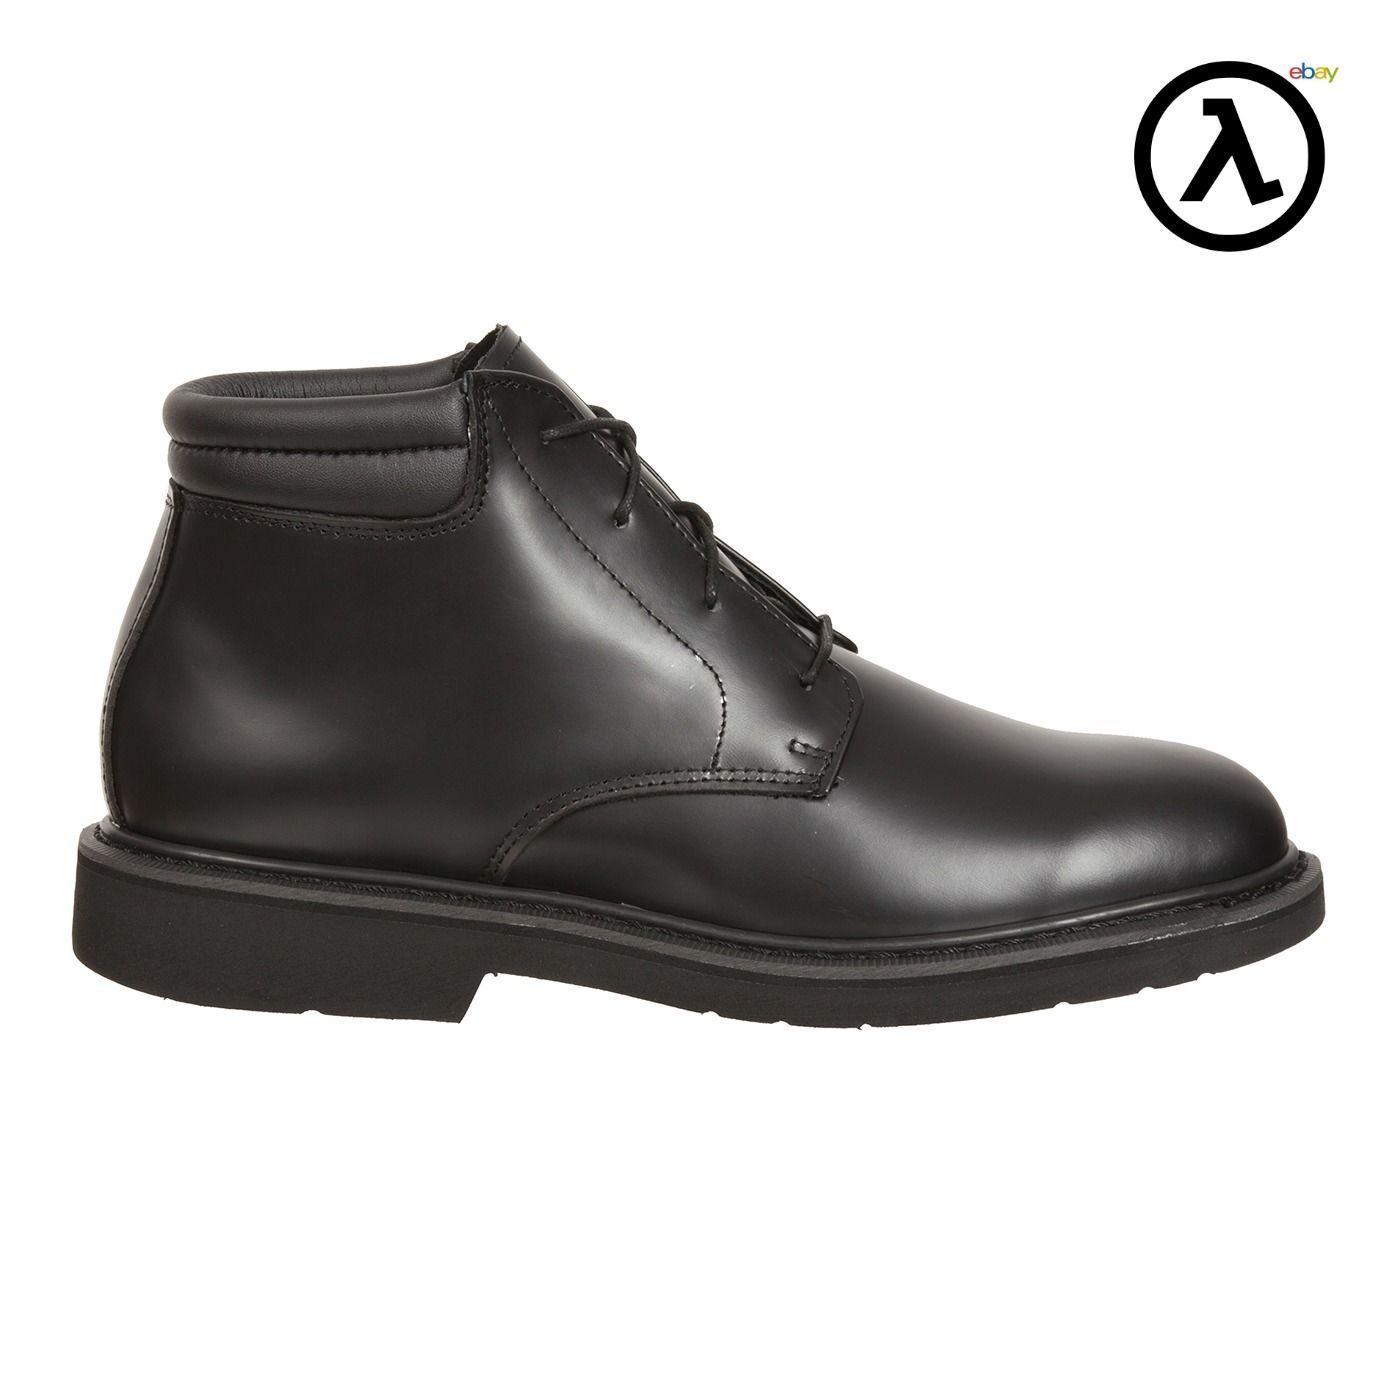 Rocky polishable de cuero de vestir Chukka FQ00501-8 - Todas las Tallas de Zapatos-Nuevo